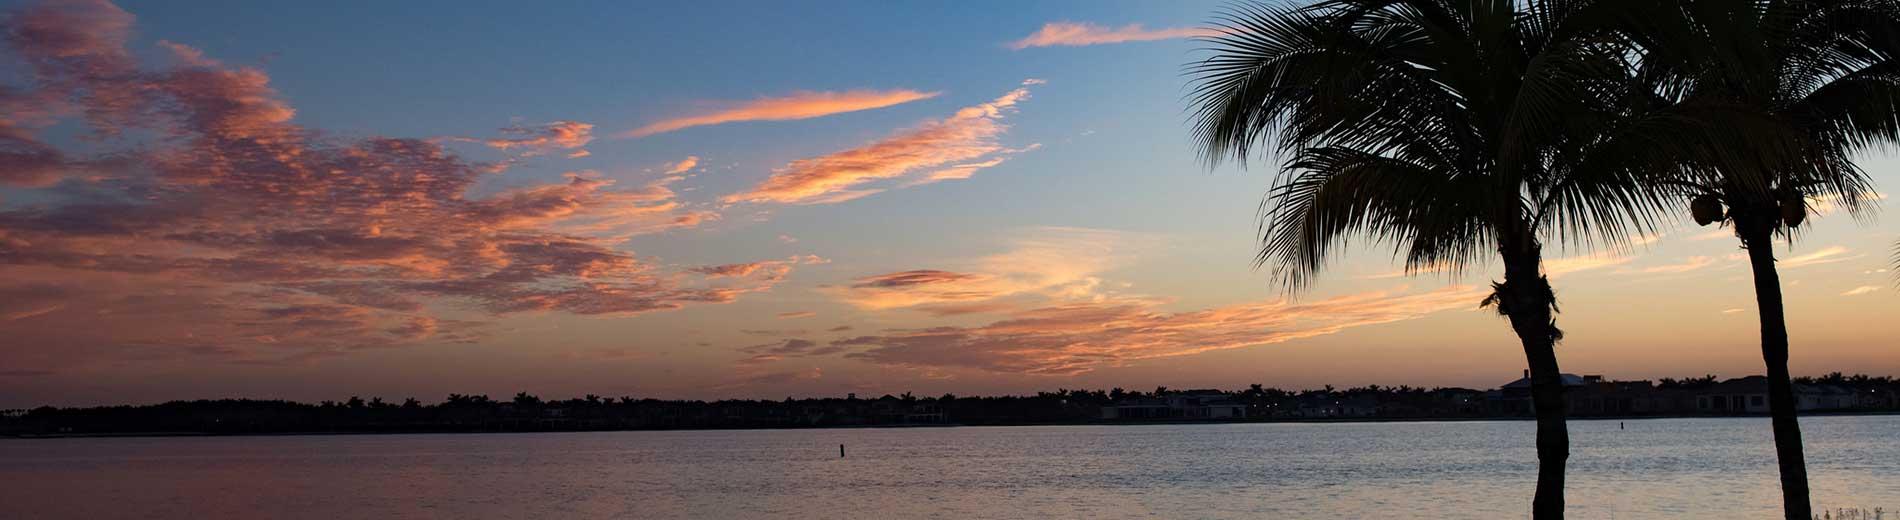 photo shows a florida sunrise